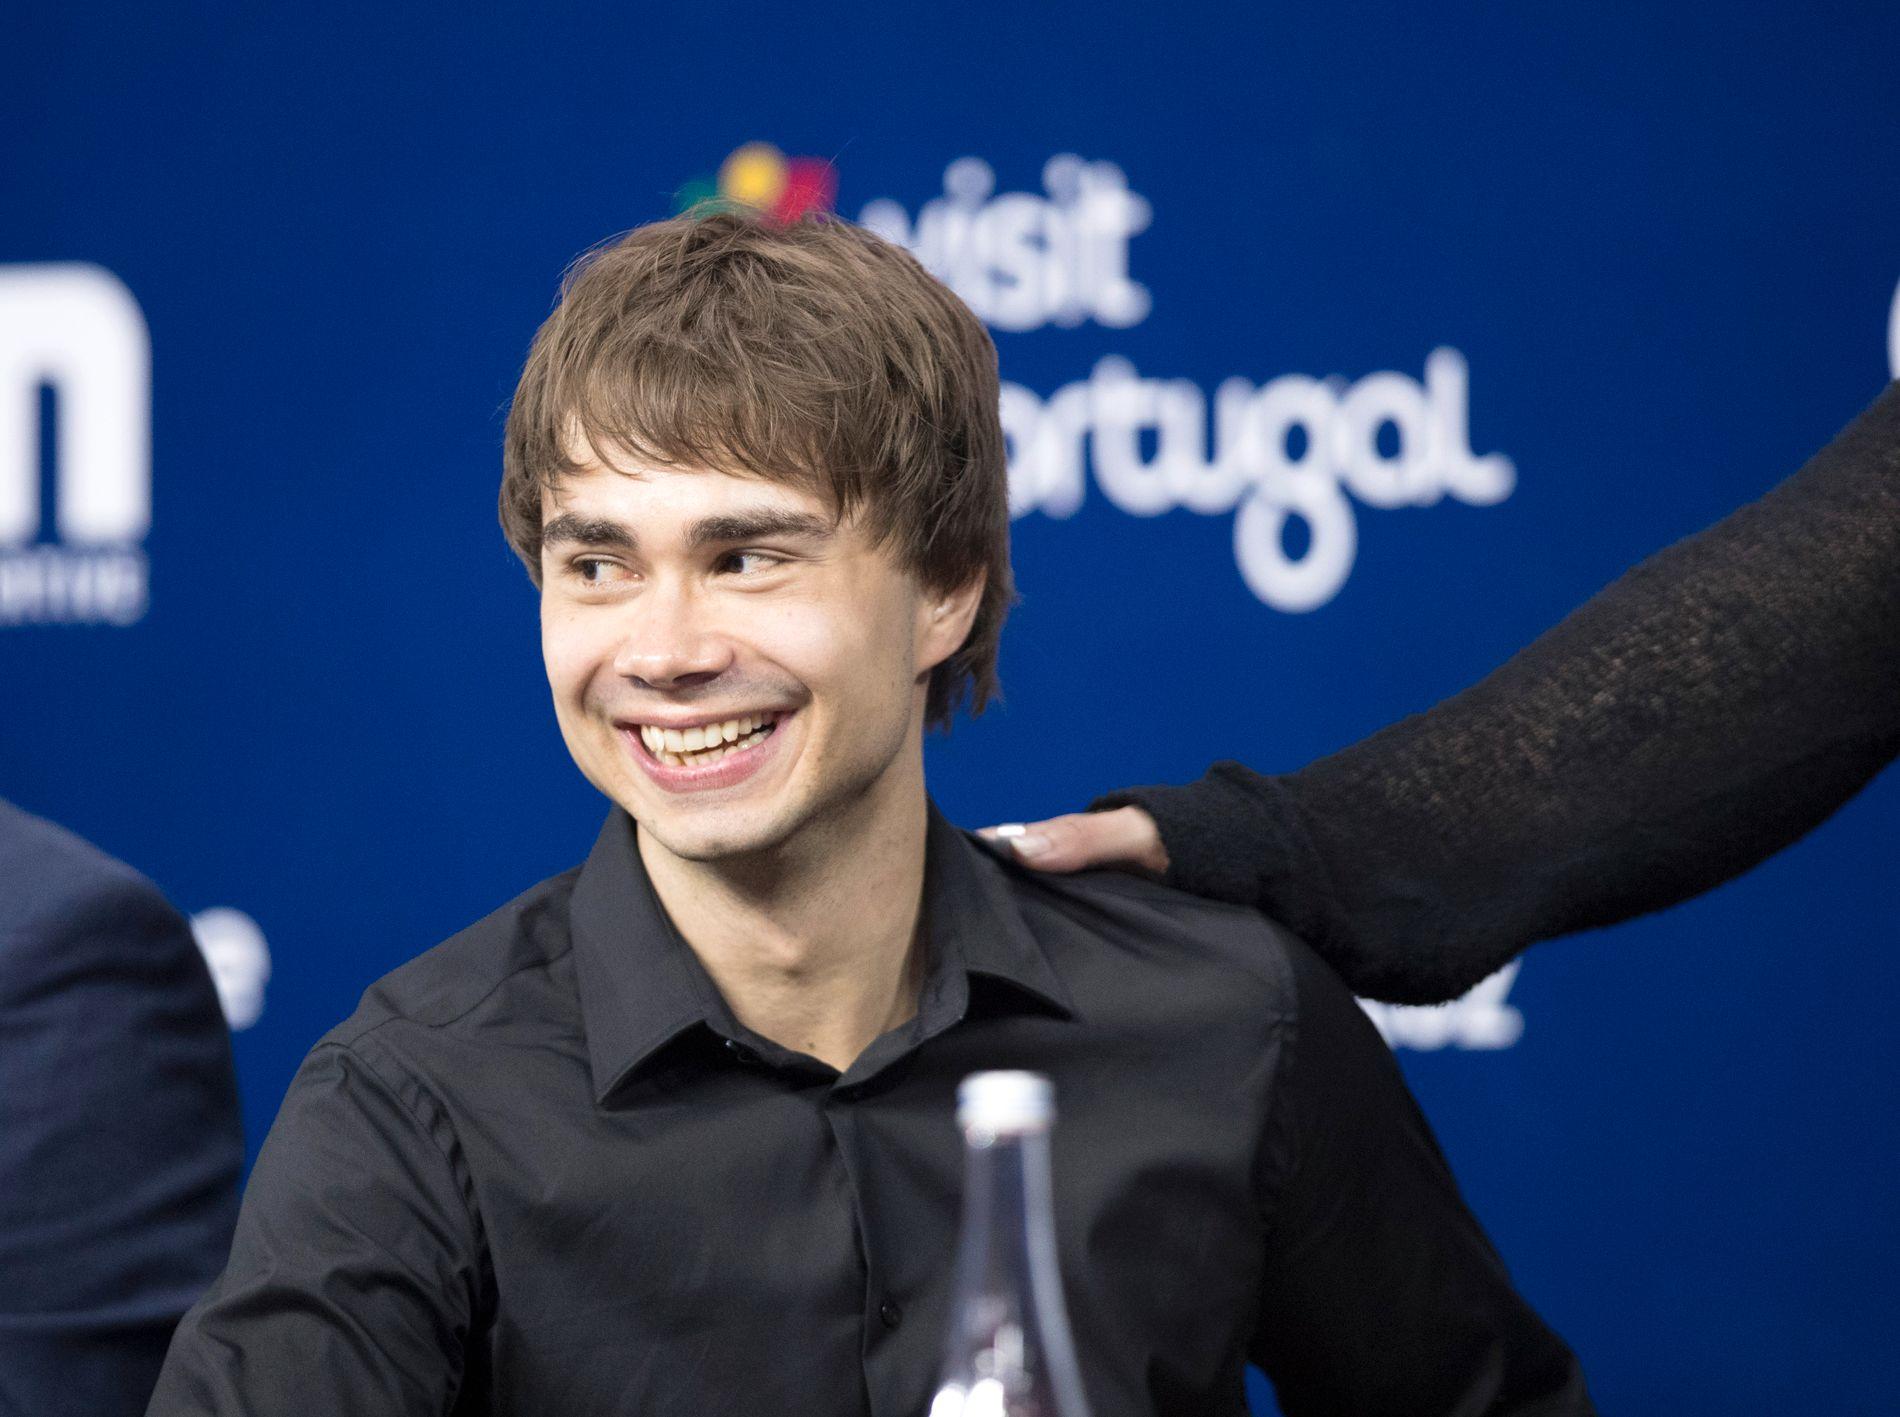 STARTER TIDLIG: Alexander Rybak synger i den første delen av MGP-finalen i morgen.